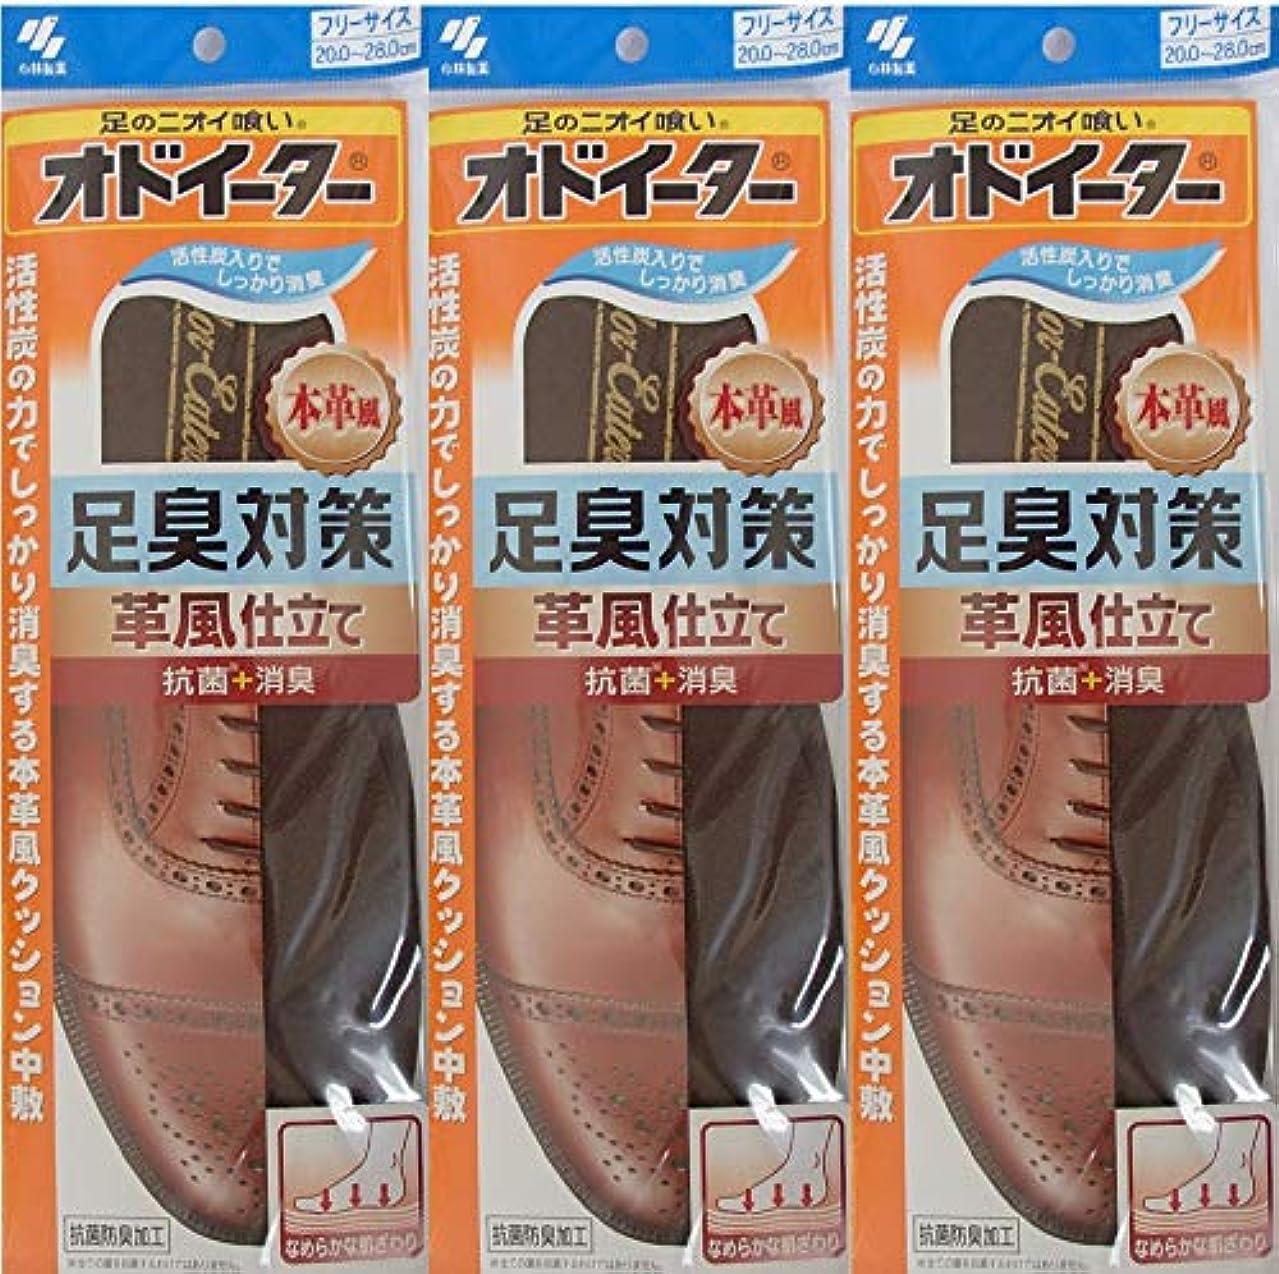 遵守する寛解あざオドイーター 足臭対策 革風仕立て インソール フリーサイズ20cm~28cm 3足セット